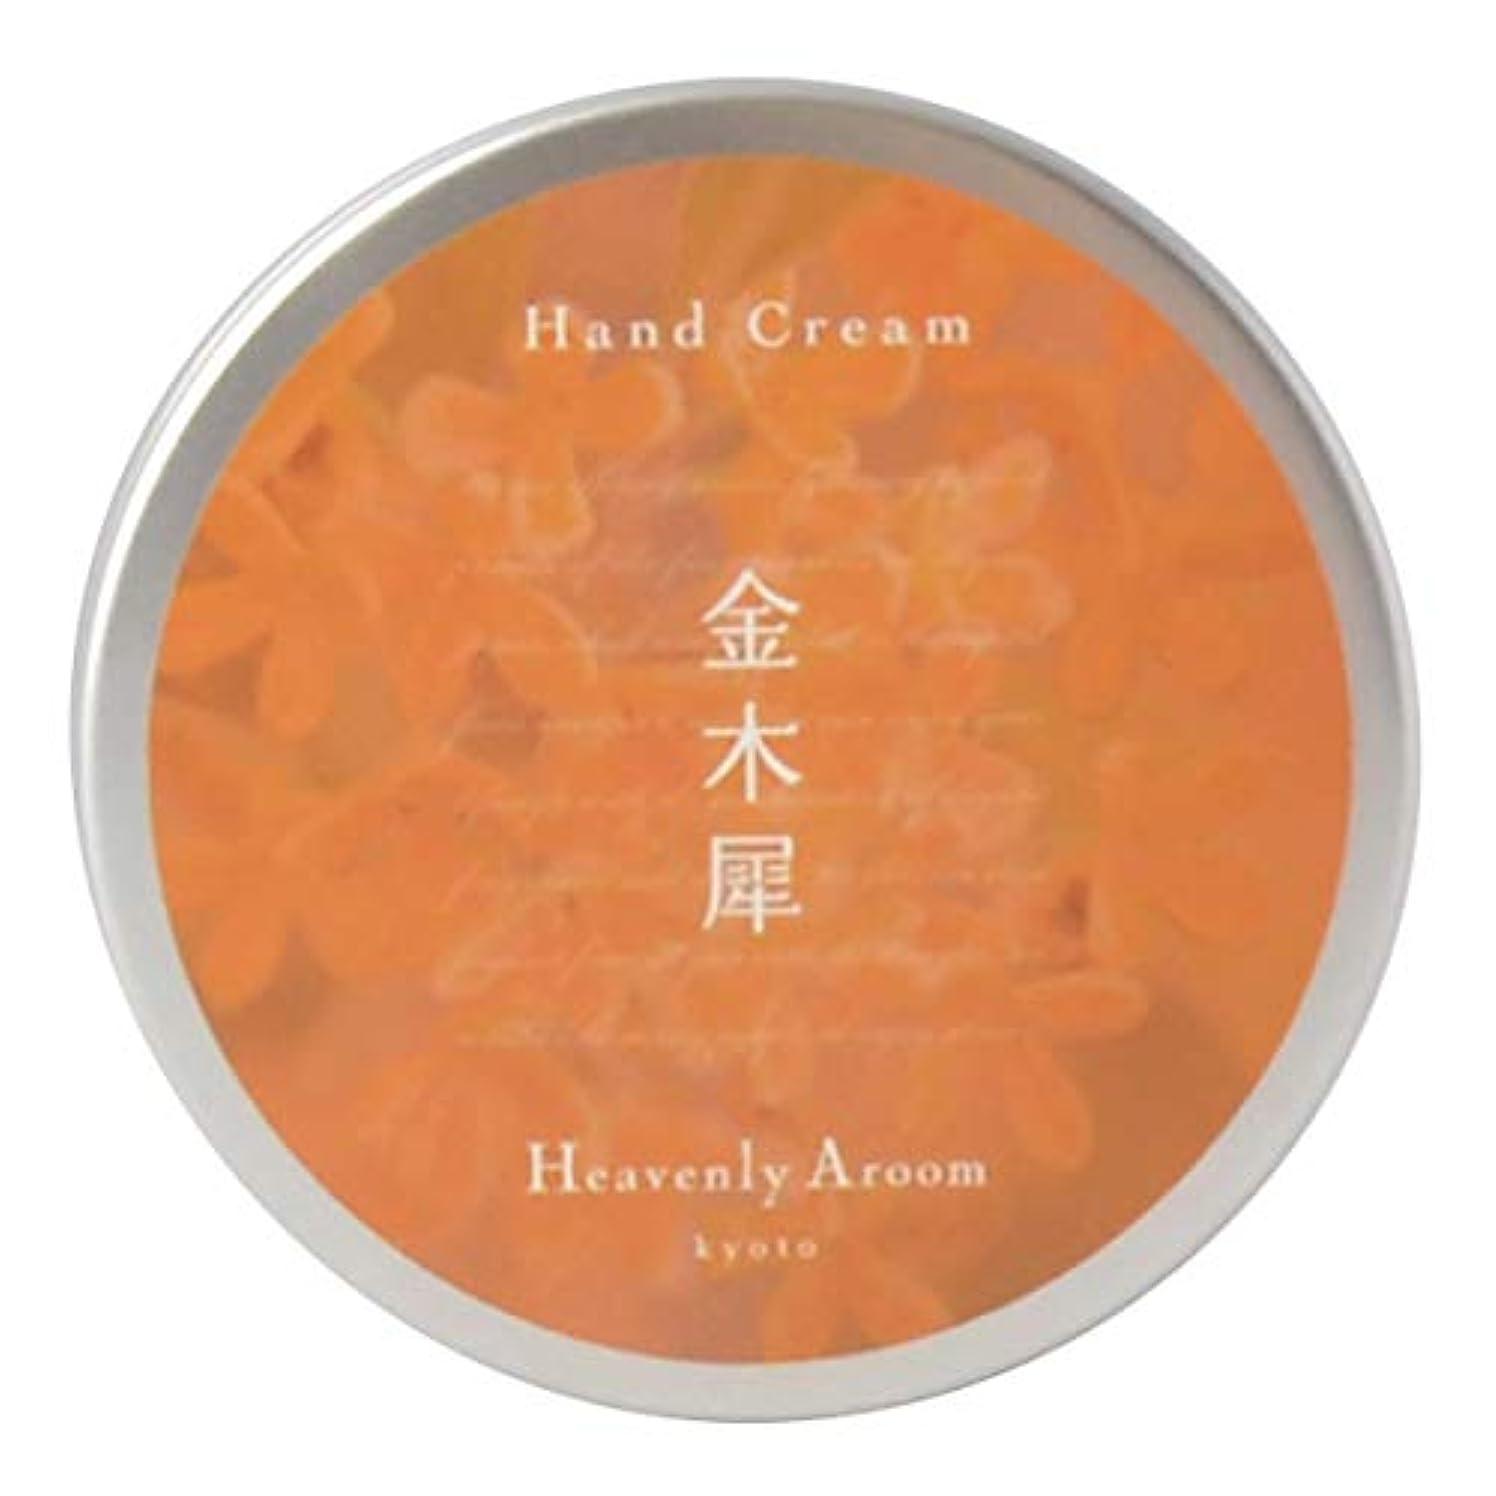 共感する解き明かすボーカルHeavenly Aroom ハンドクリーム 金木犀 75g